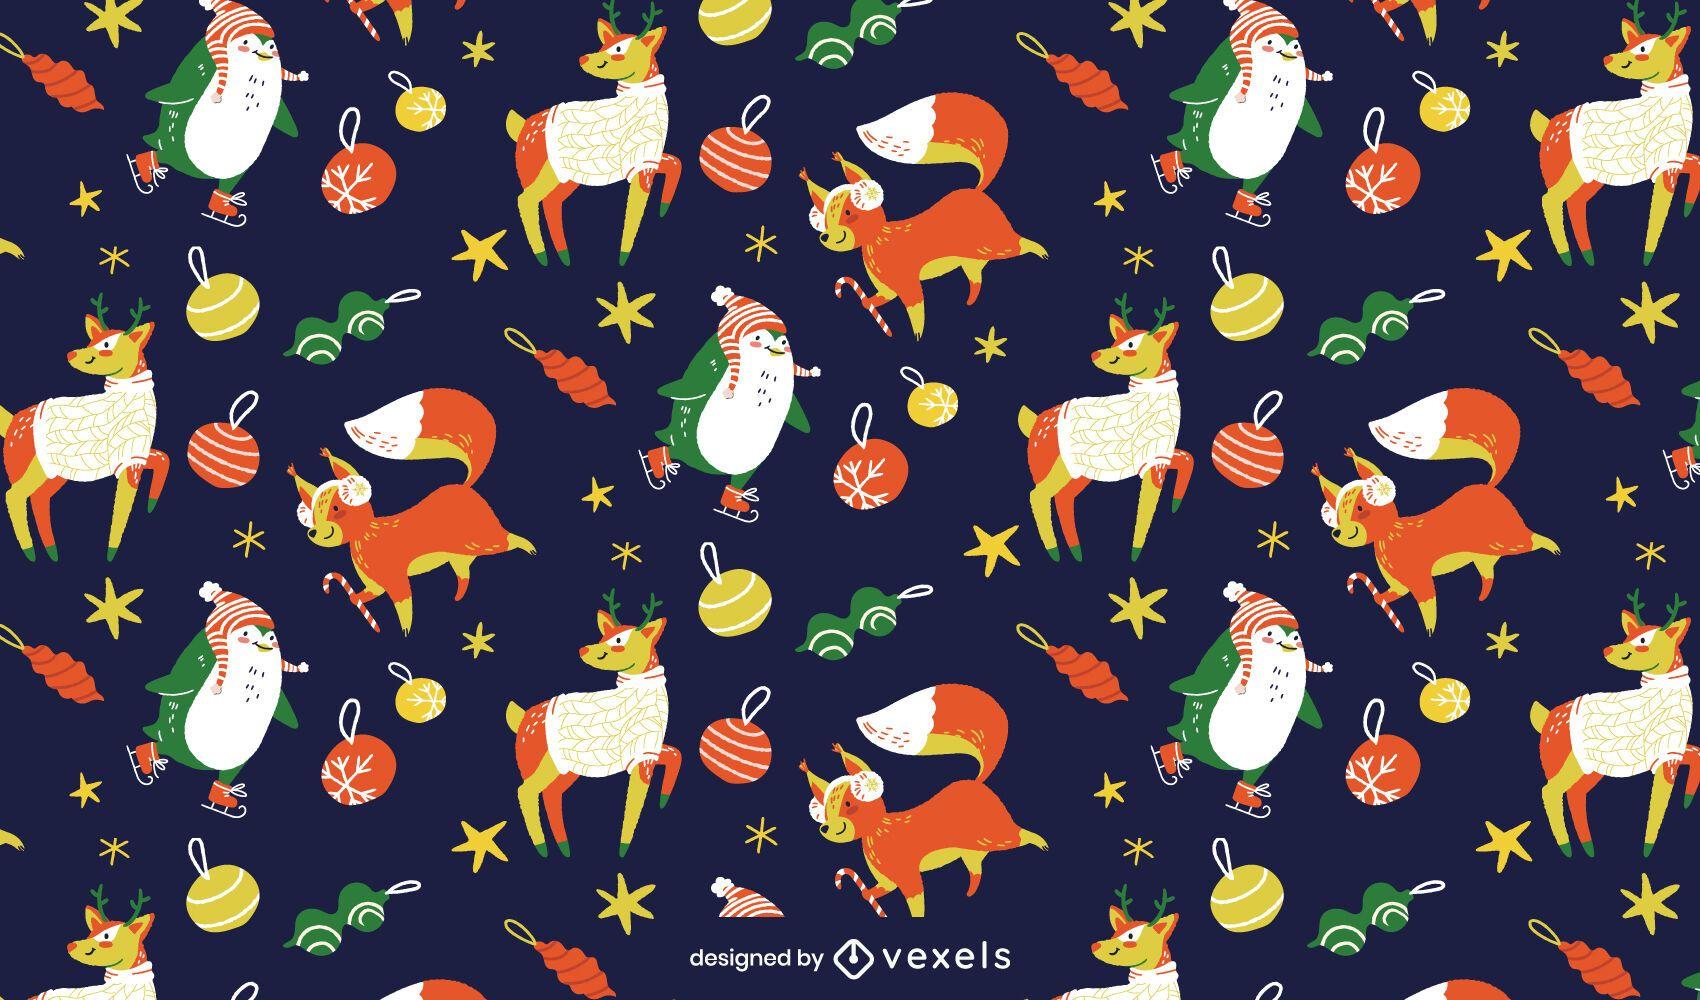 Diseño de patrón de animales navideños